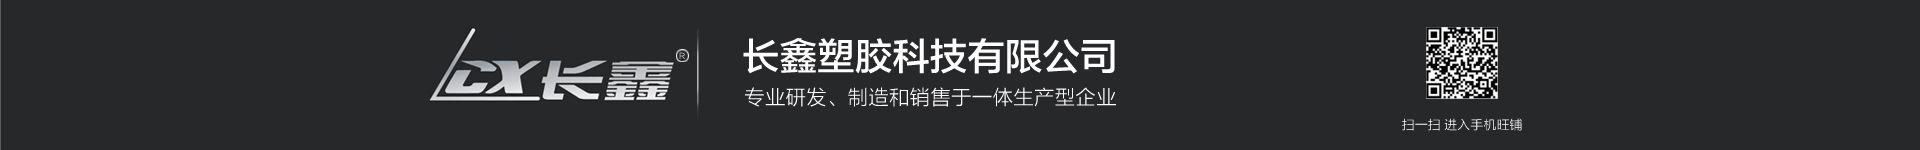 寧波長鑫塑膠科技有限公司